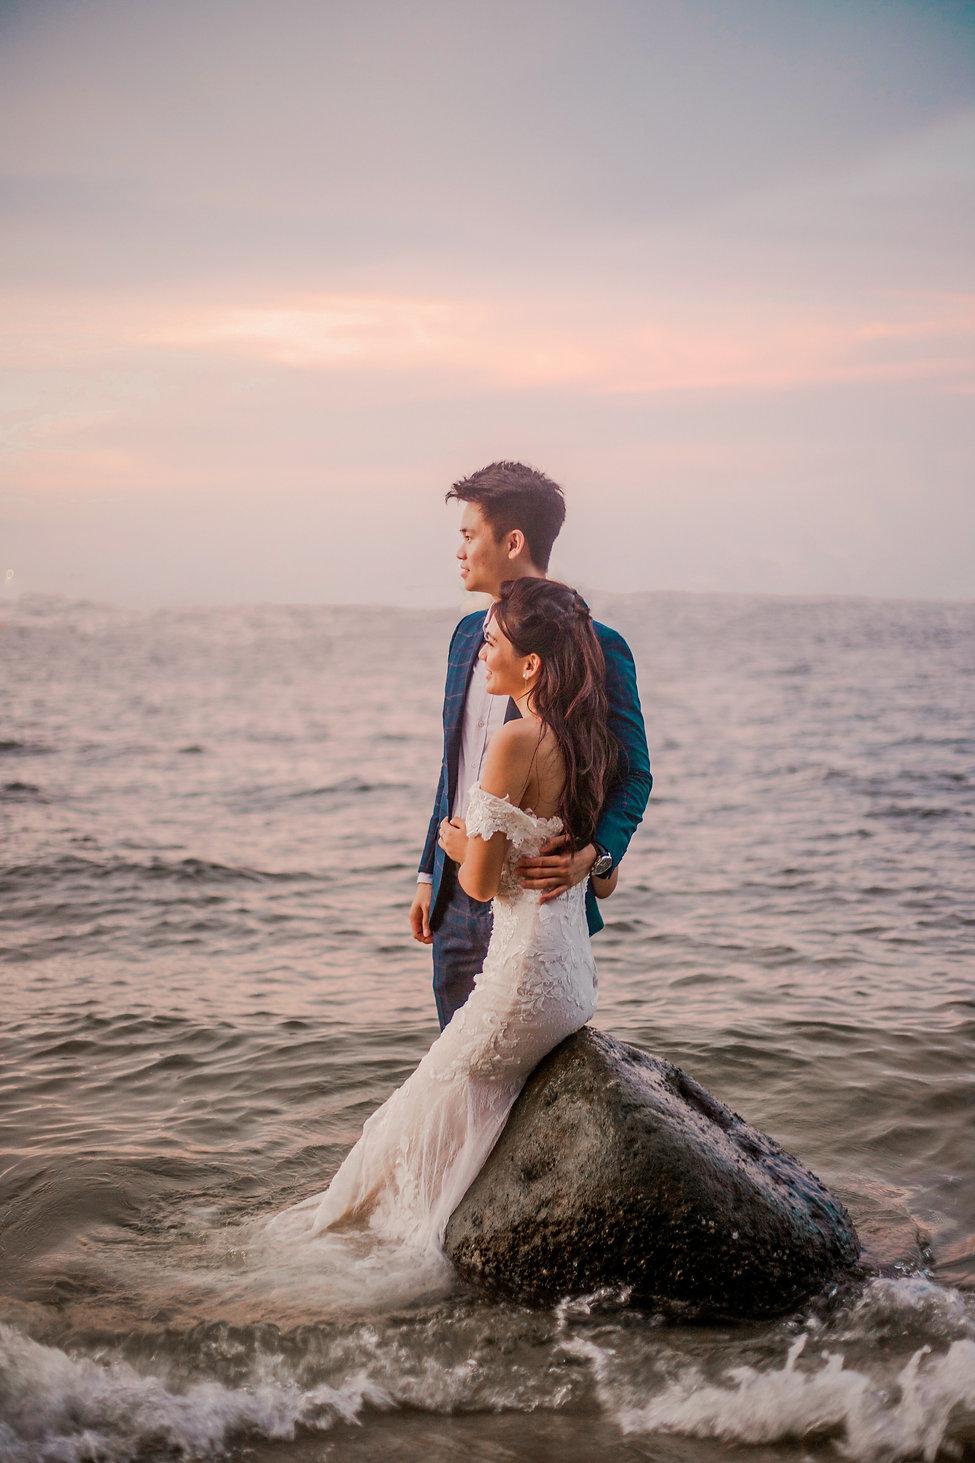 Pastel sunset wedding photoshoot